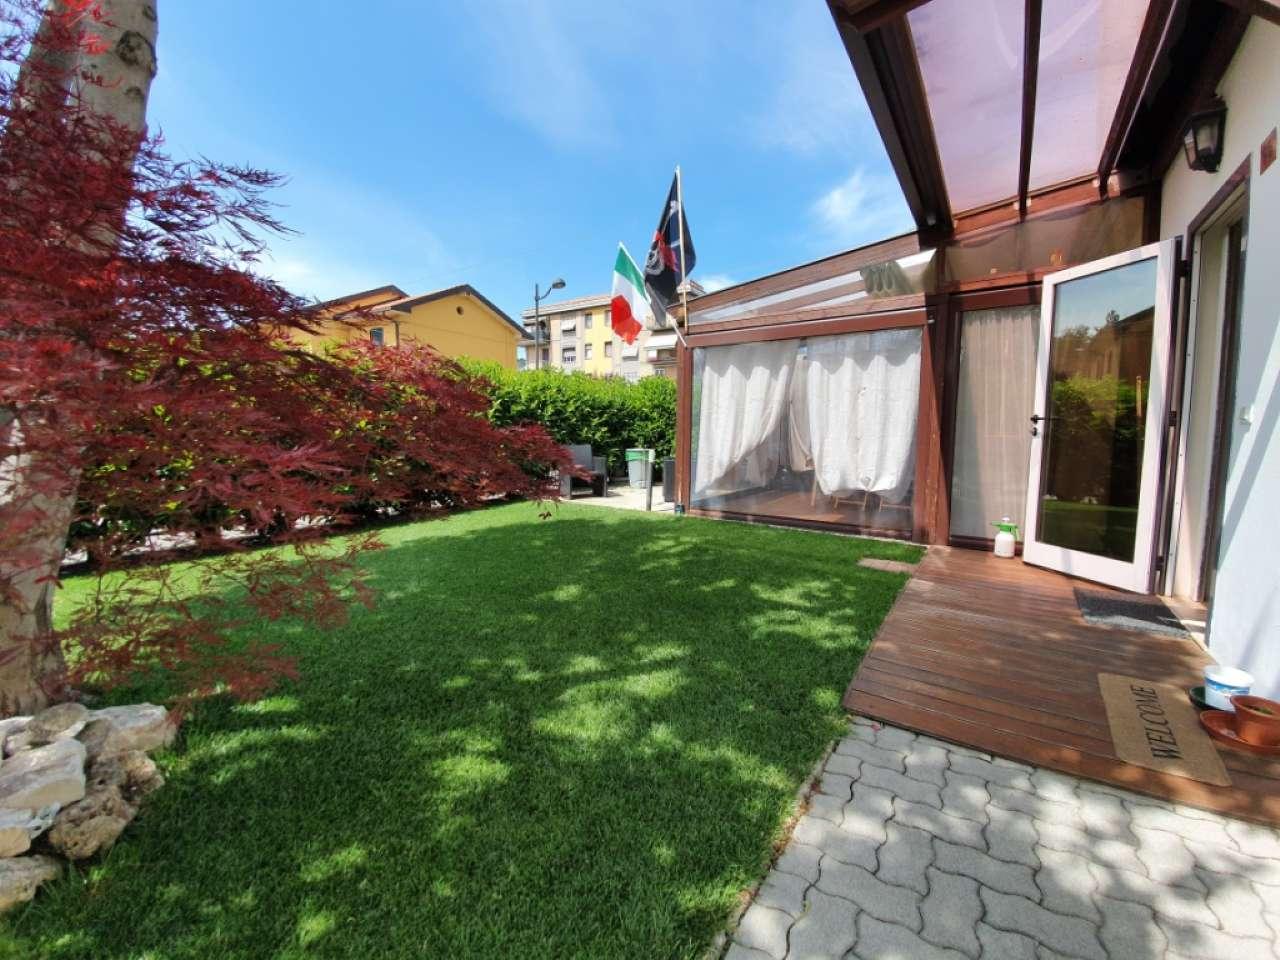 Appartamento in vendita a Sasso Marconi, 12 locali, prezzo € 590.000 | PortaleAgenzieImmobiliari.it